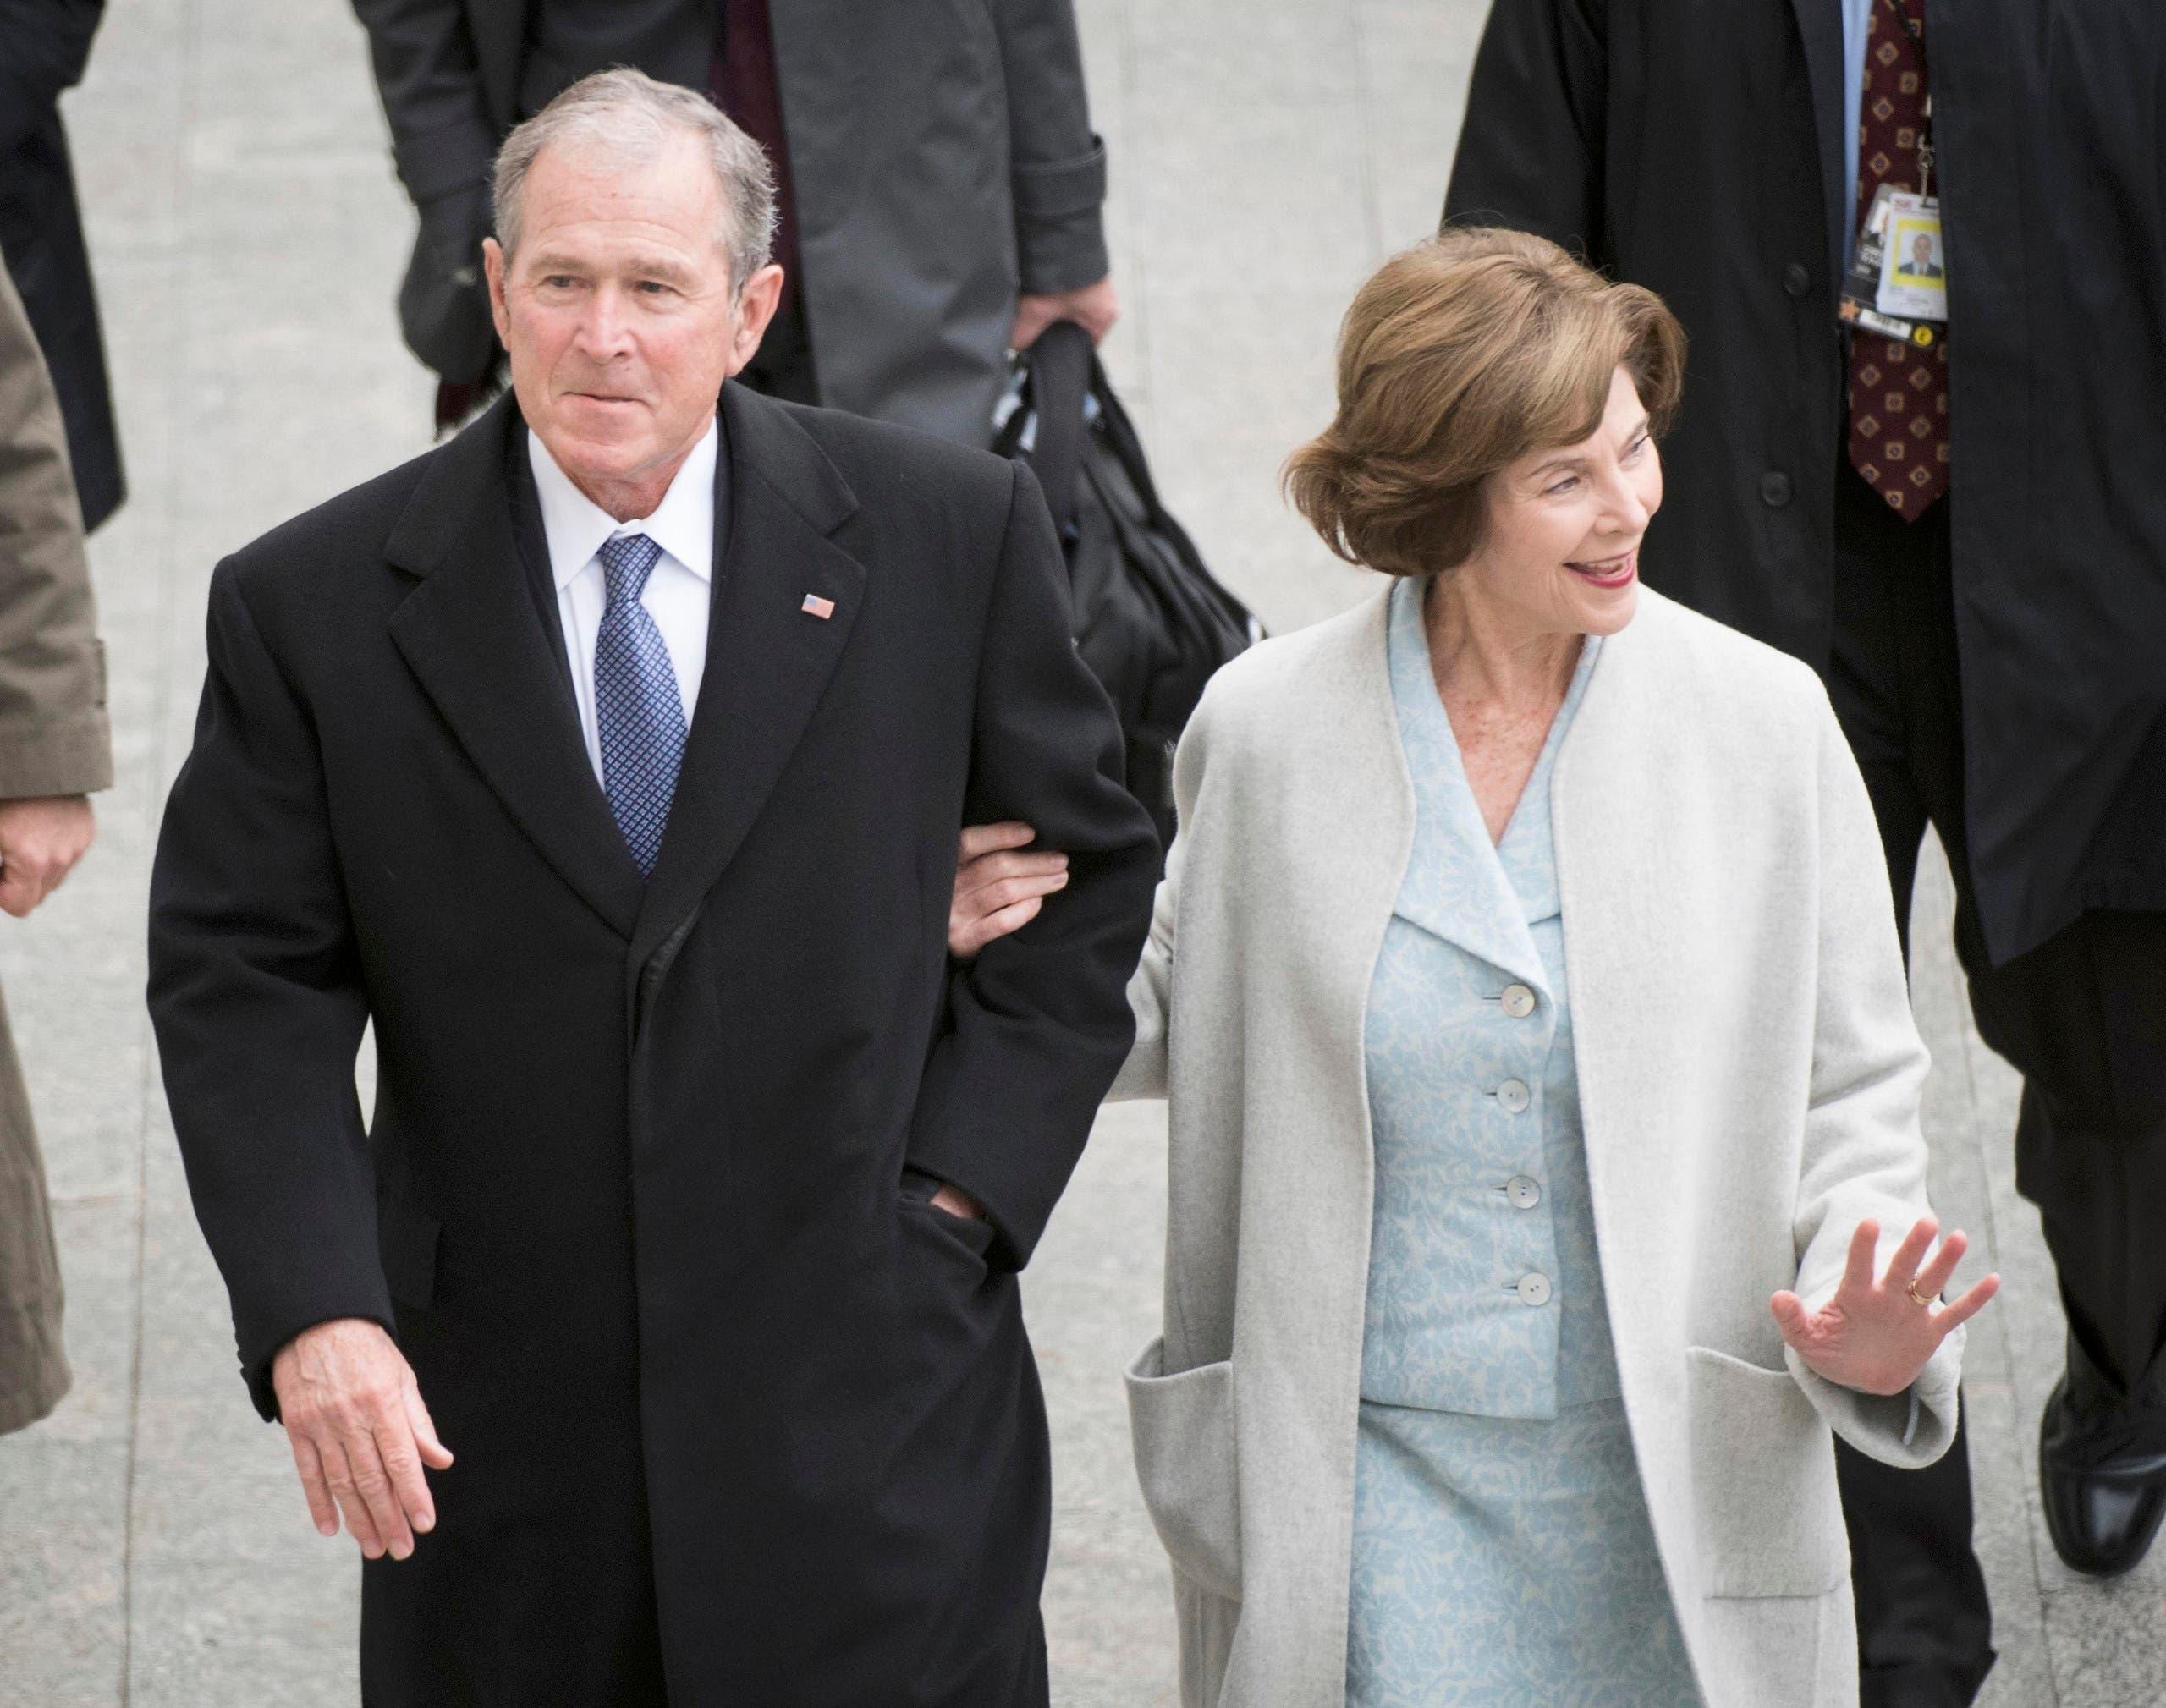 الرئيس الأميركي الأسبق جورج بوش الابن وزوجته لورا